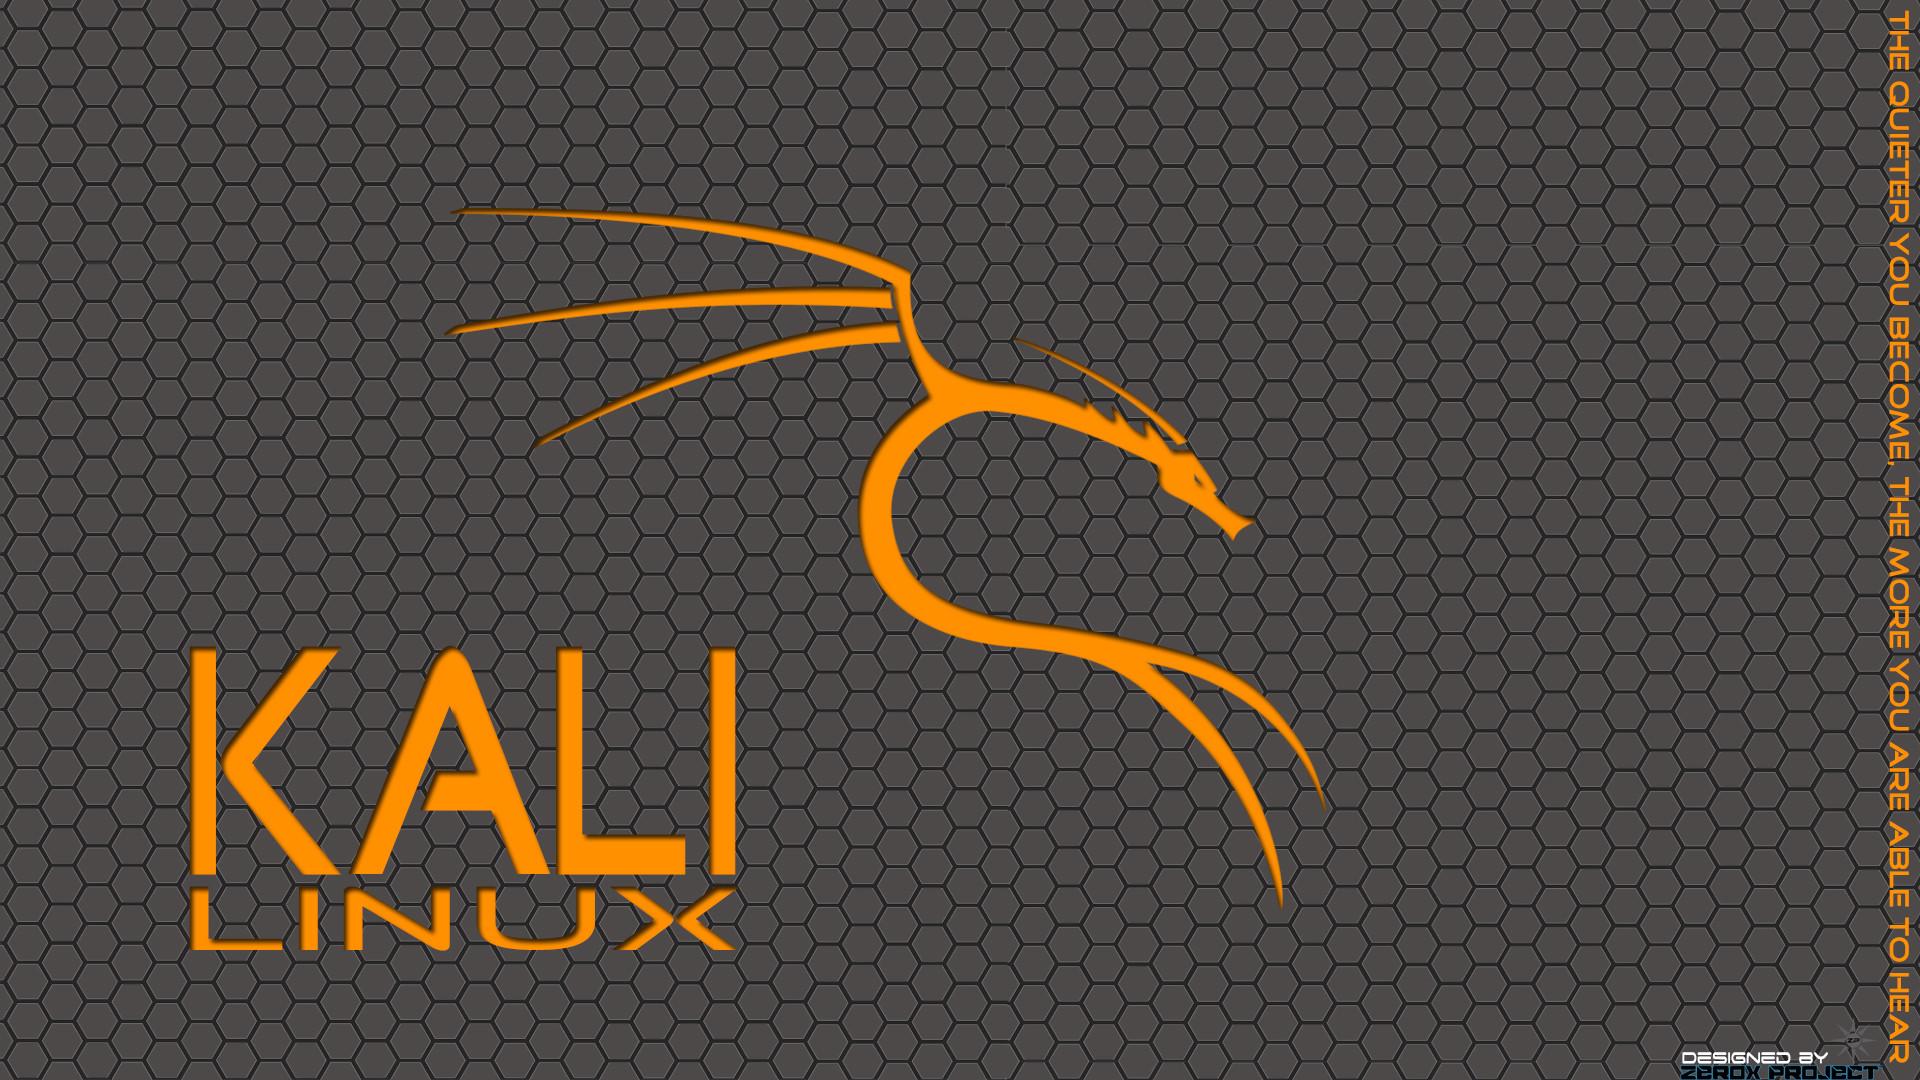 Ubuntu Cool Desktop Backgrounds For Kali Linux 1545281